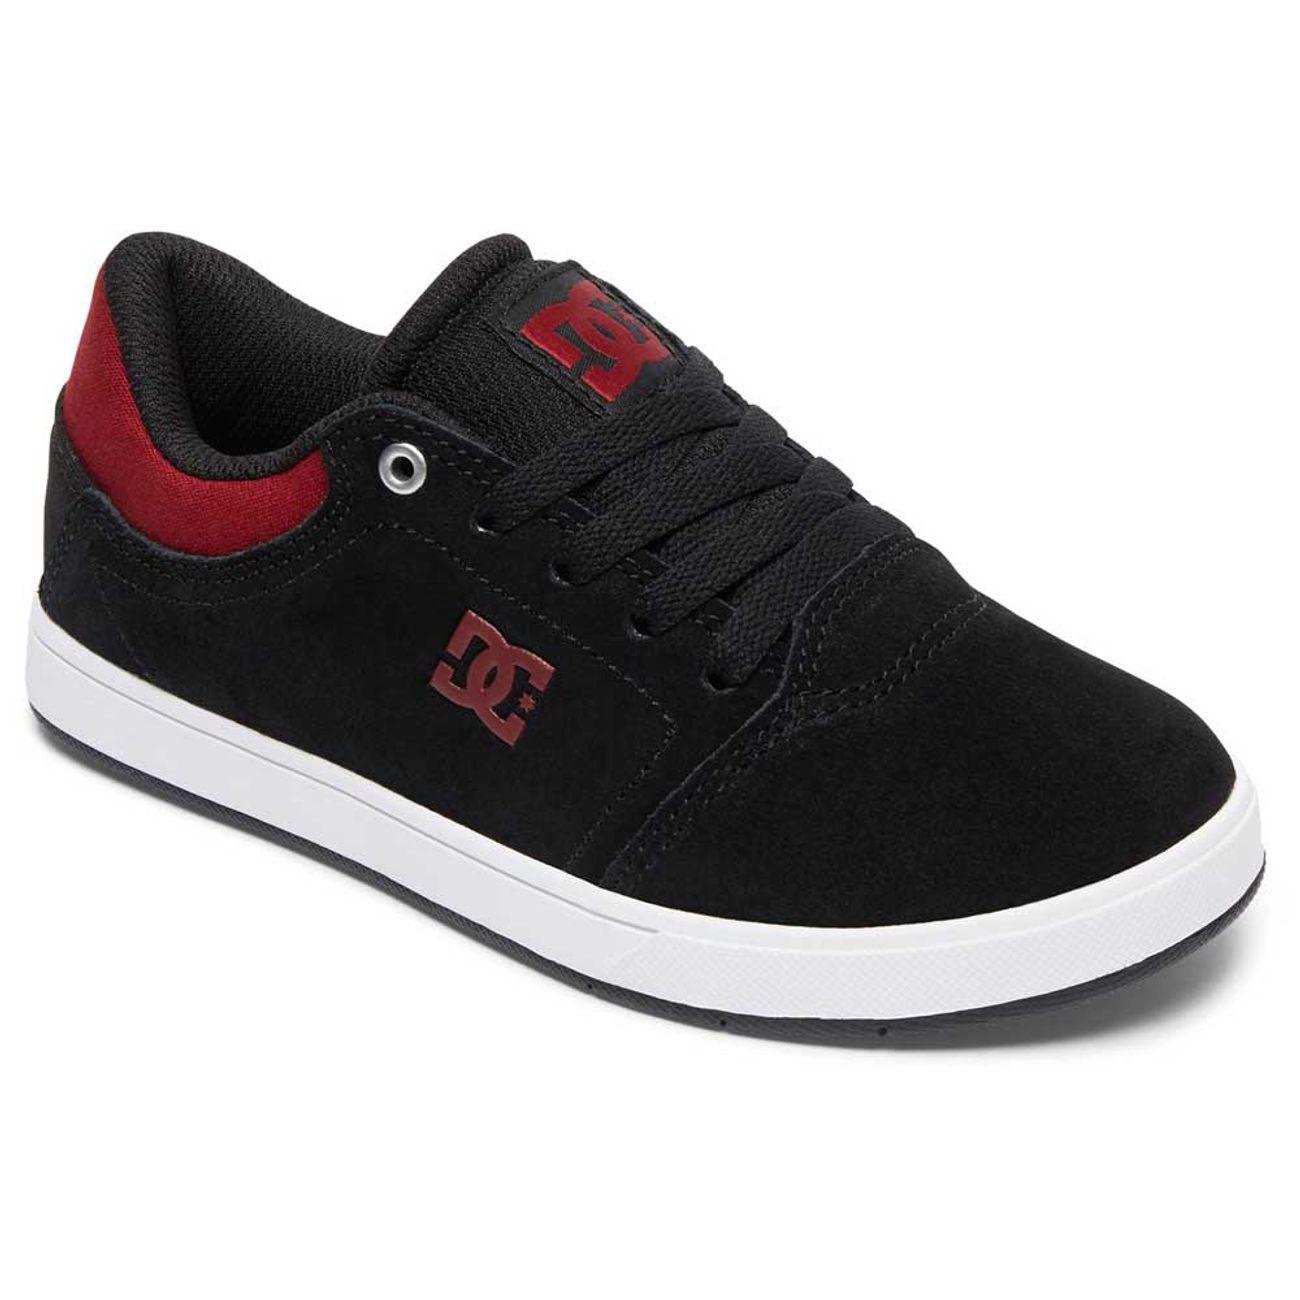 Shoes Crisis Homme Tennis Dc Dc Shoes Homme Tennis q53jR4AL